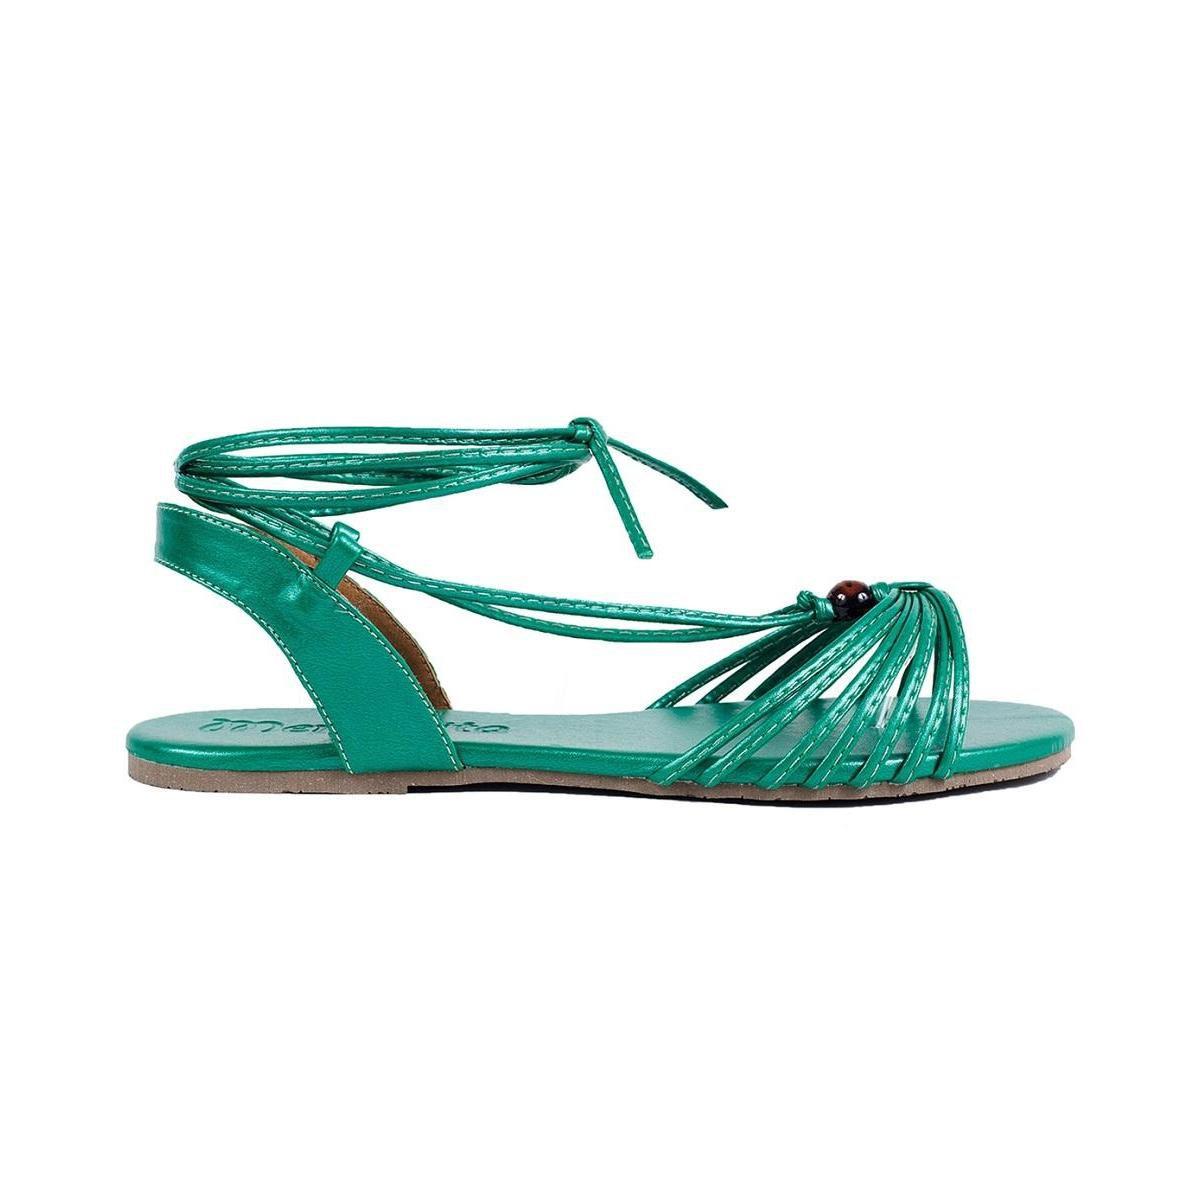 Rasteira Mercedita Shoes Amarração Metalizada Leve Feminina - Verde